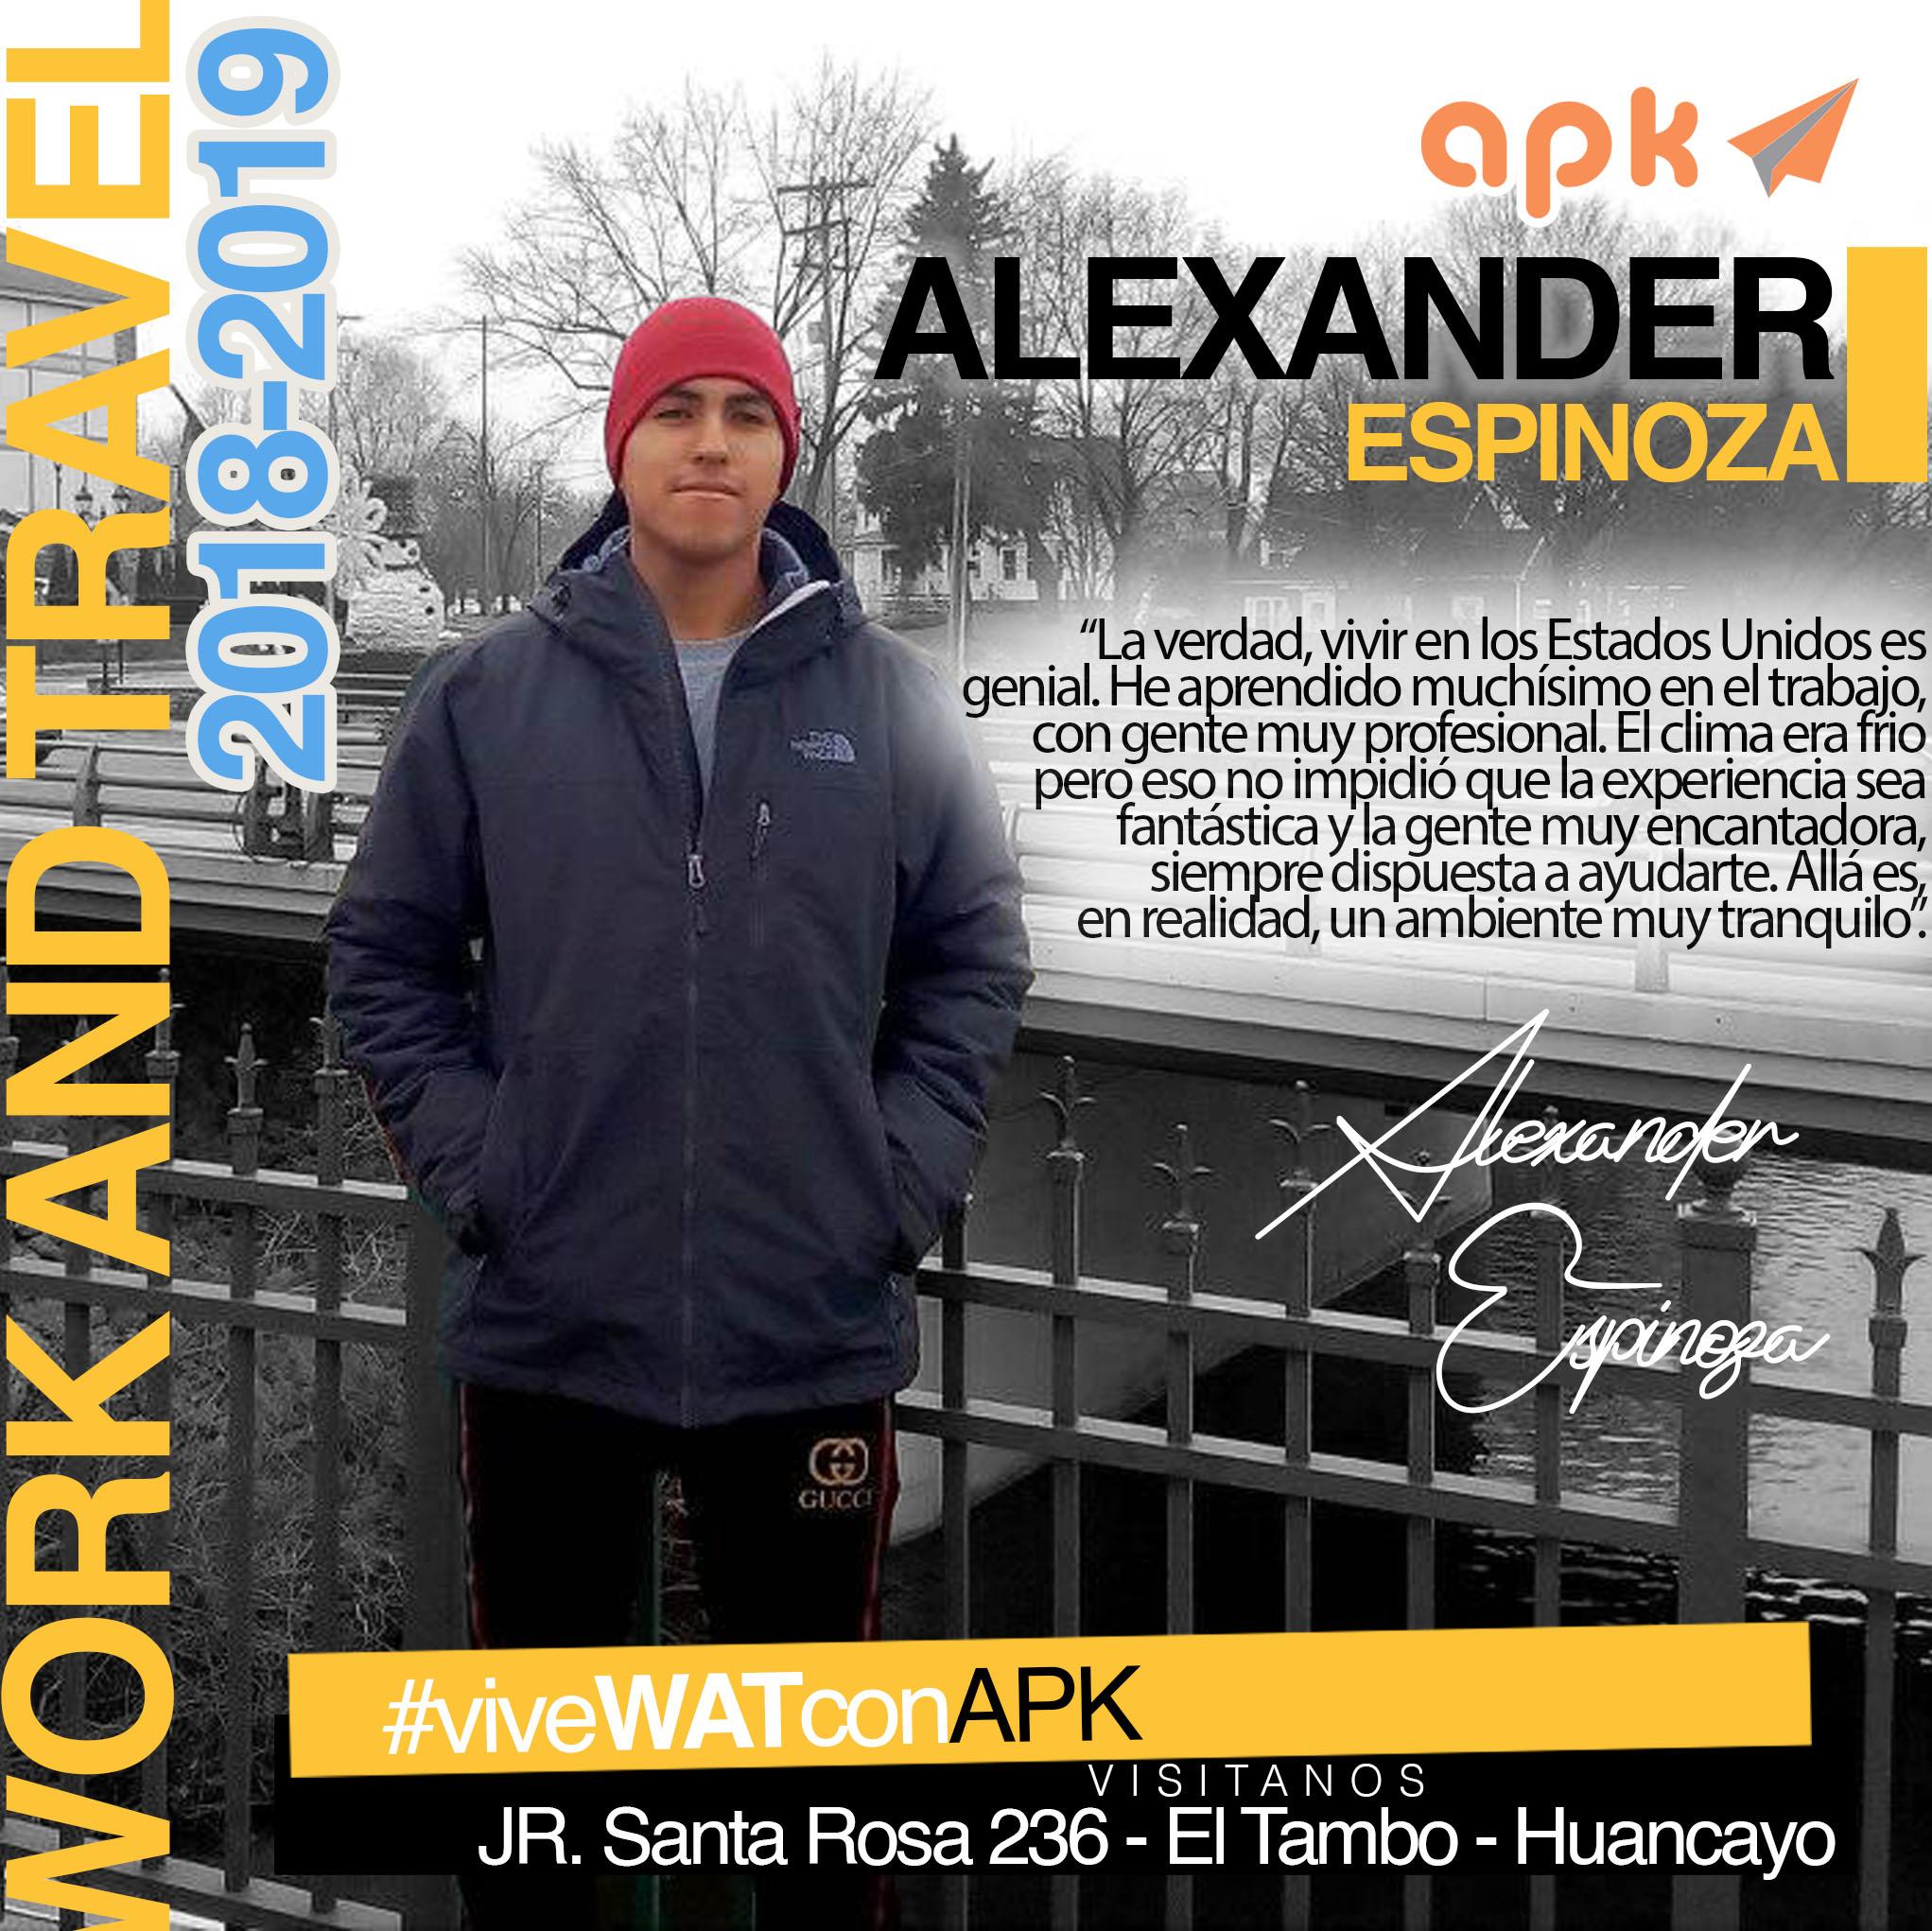 Alexander Espinoza